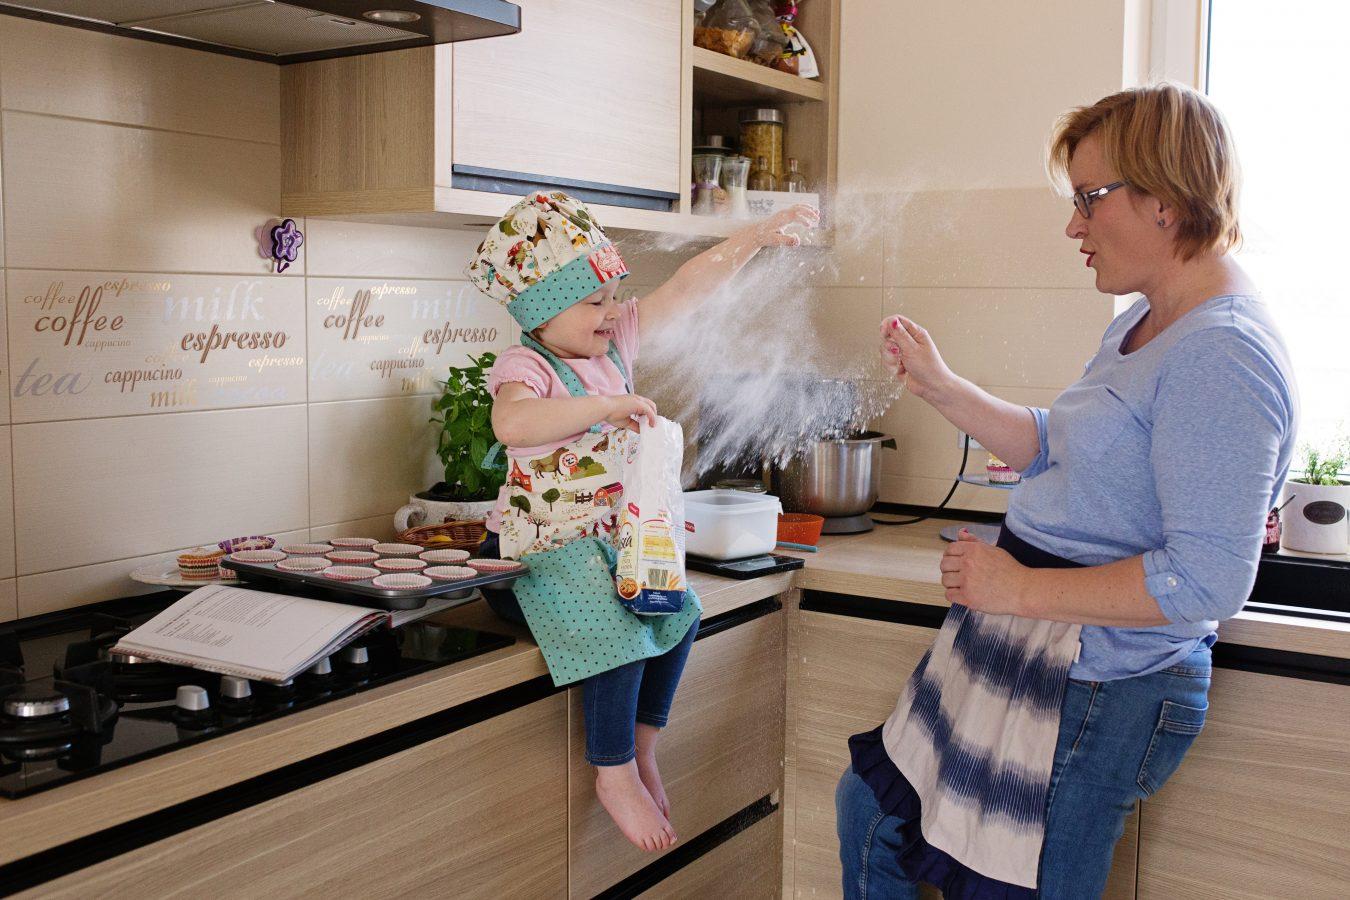 wspolne gotowanie z dzieckiem